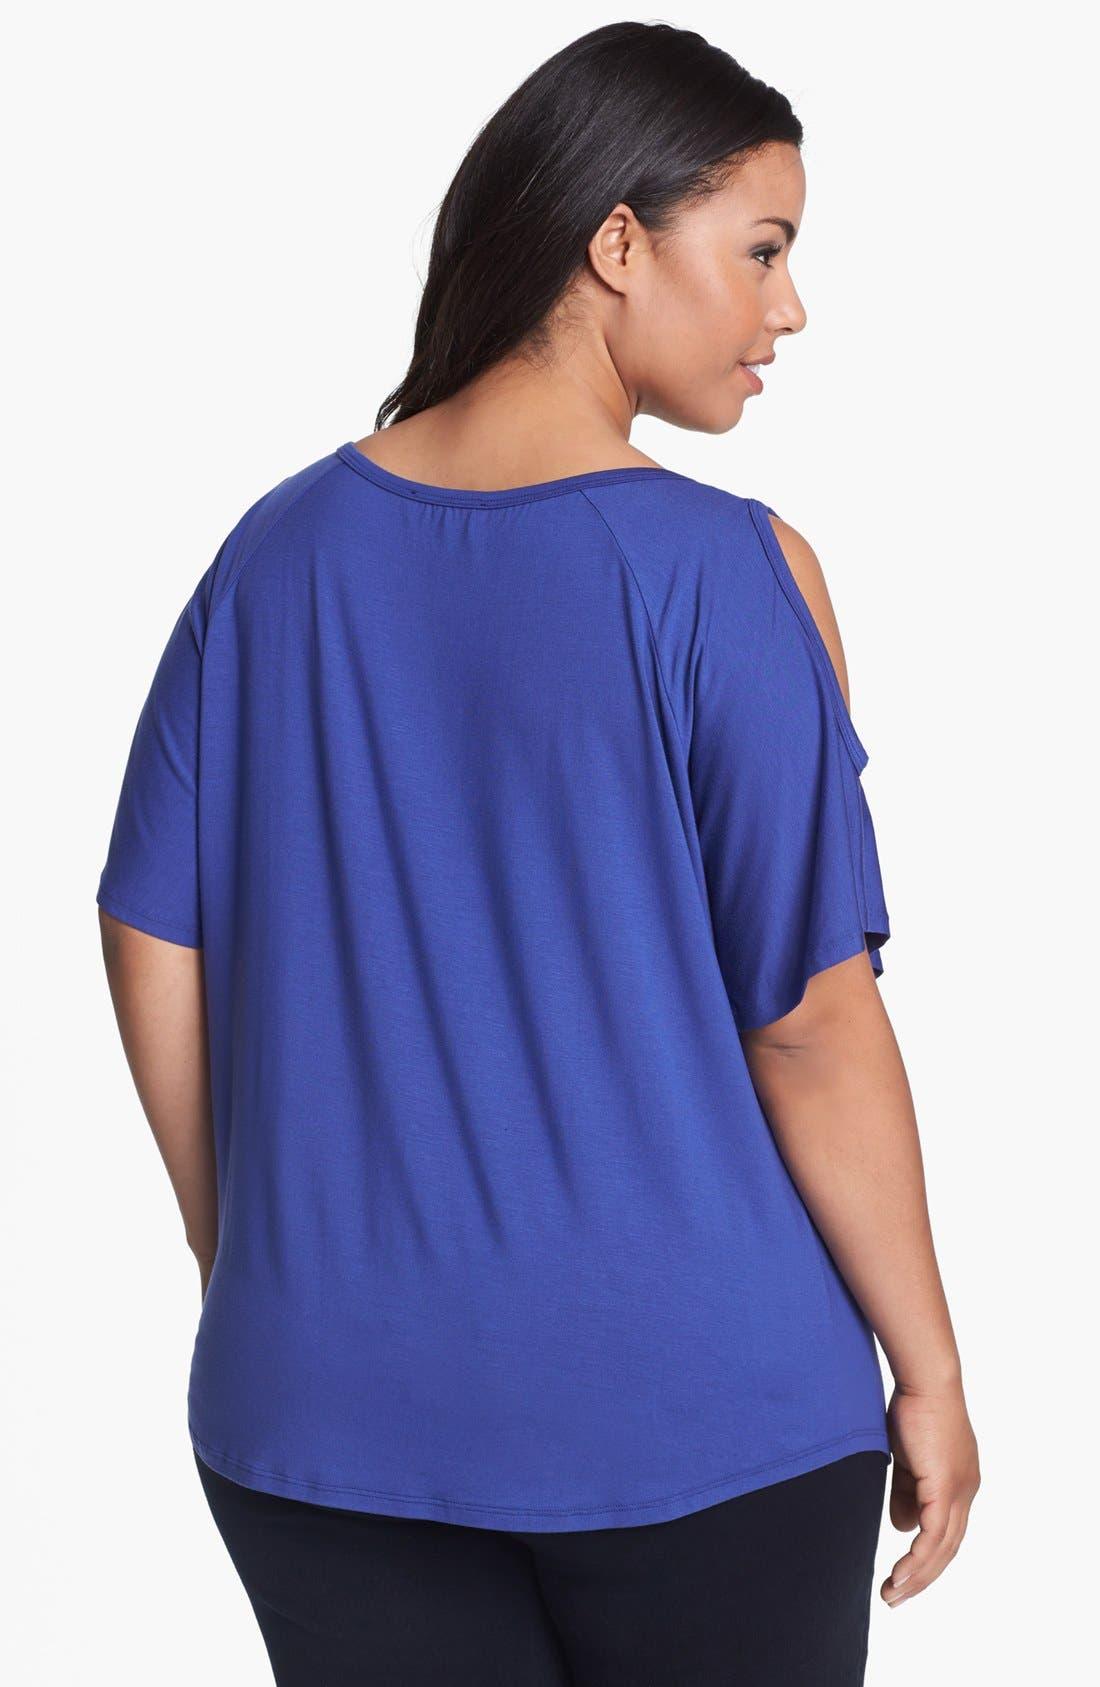 Alternate Image 2  - Karen Kane Cold Shoulder Top (Plus Size)